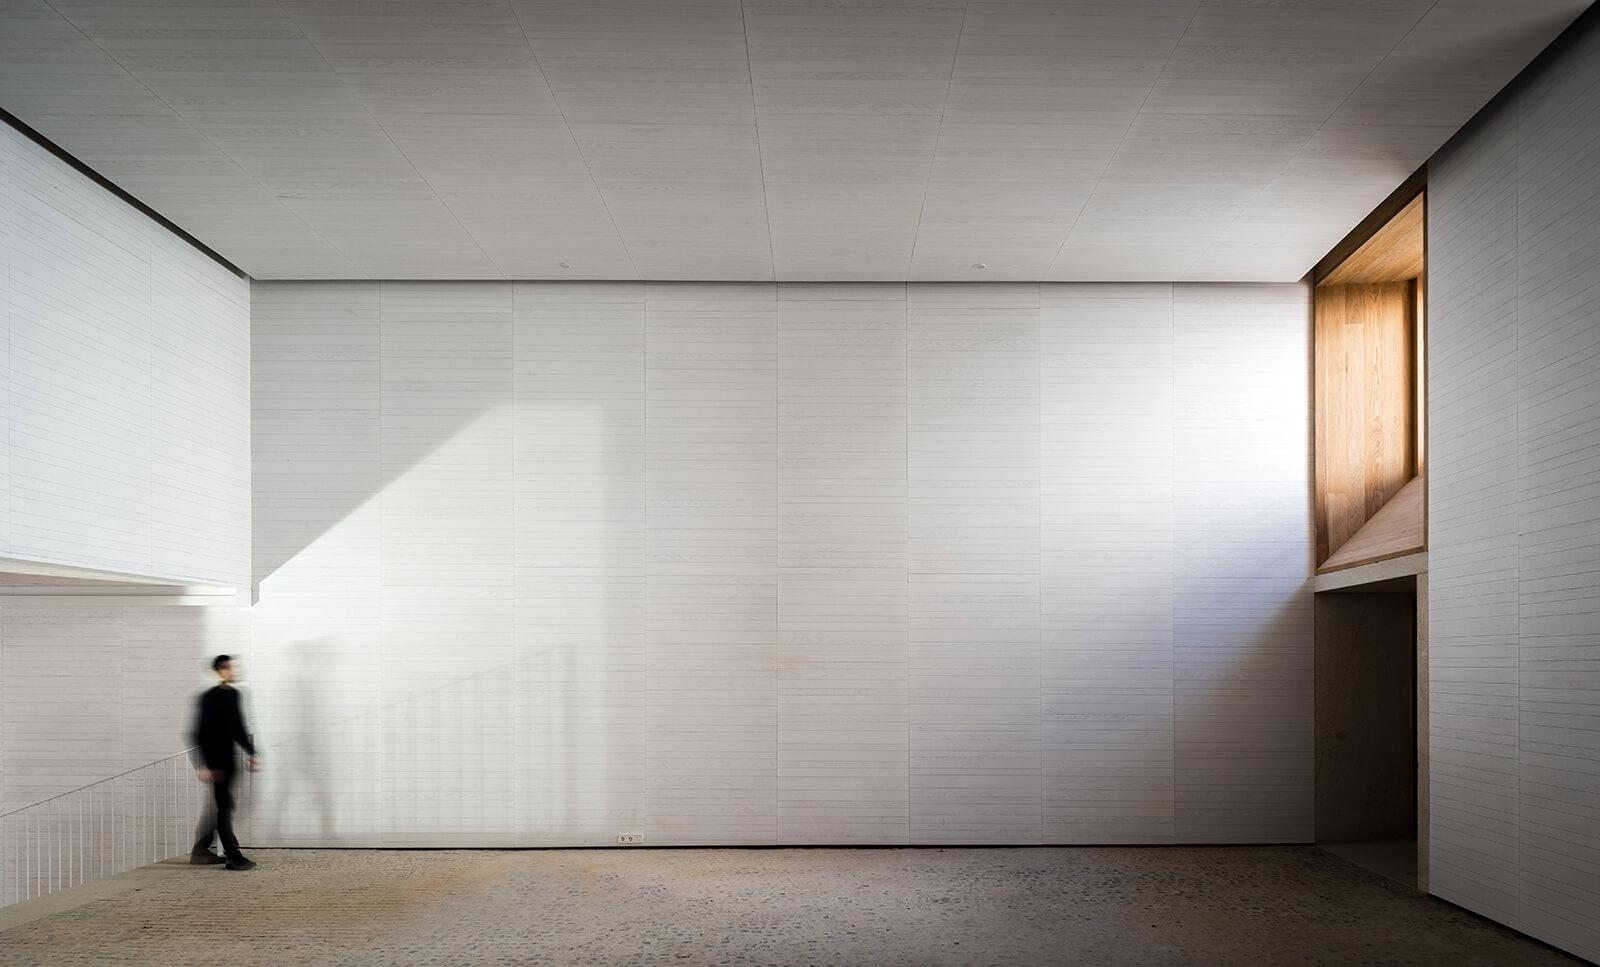 Museo de Arte Contemporáneo Helga de Alvear  - 5 1 43